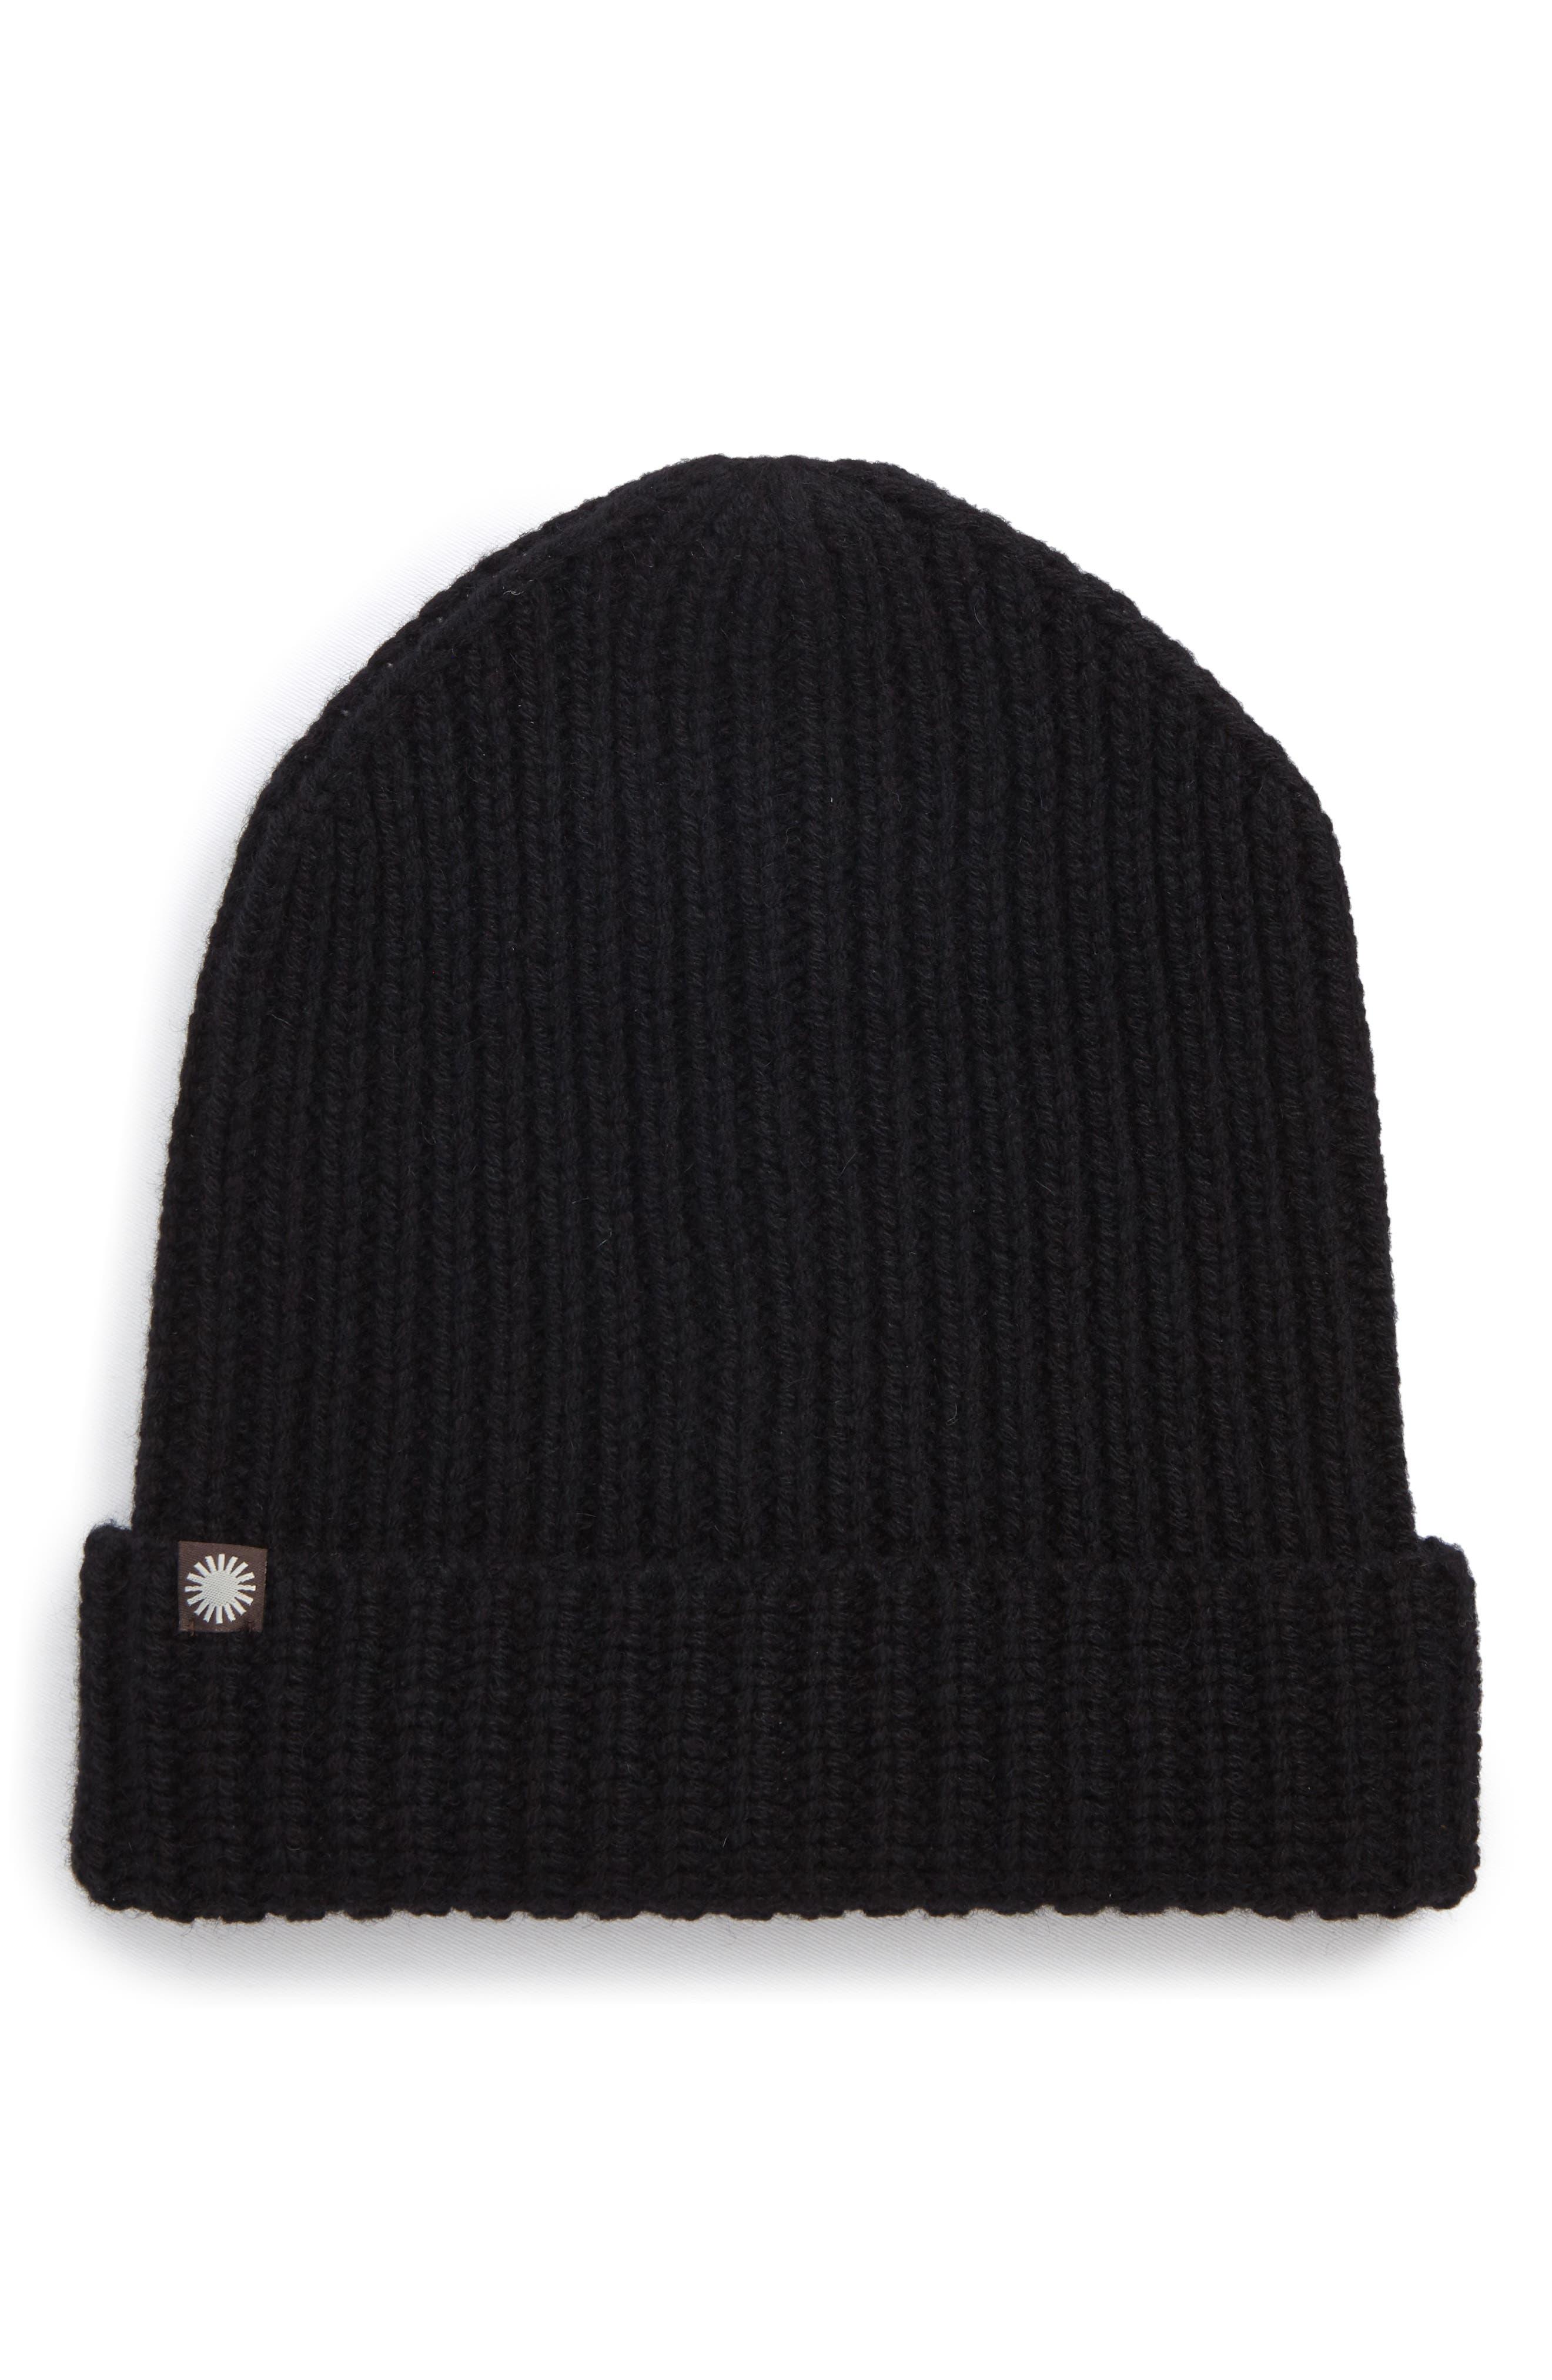 Cardi Wool Blend Beanie,                             Main thumbnail 1, color,                             Black